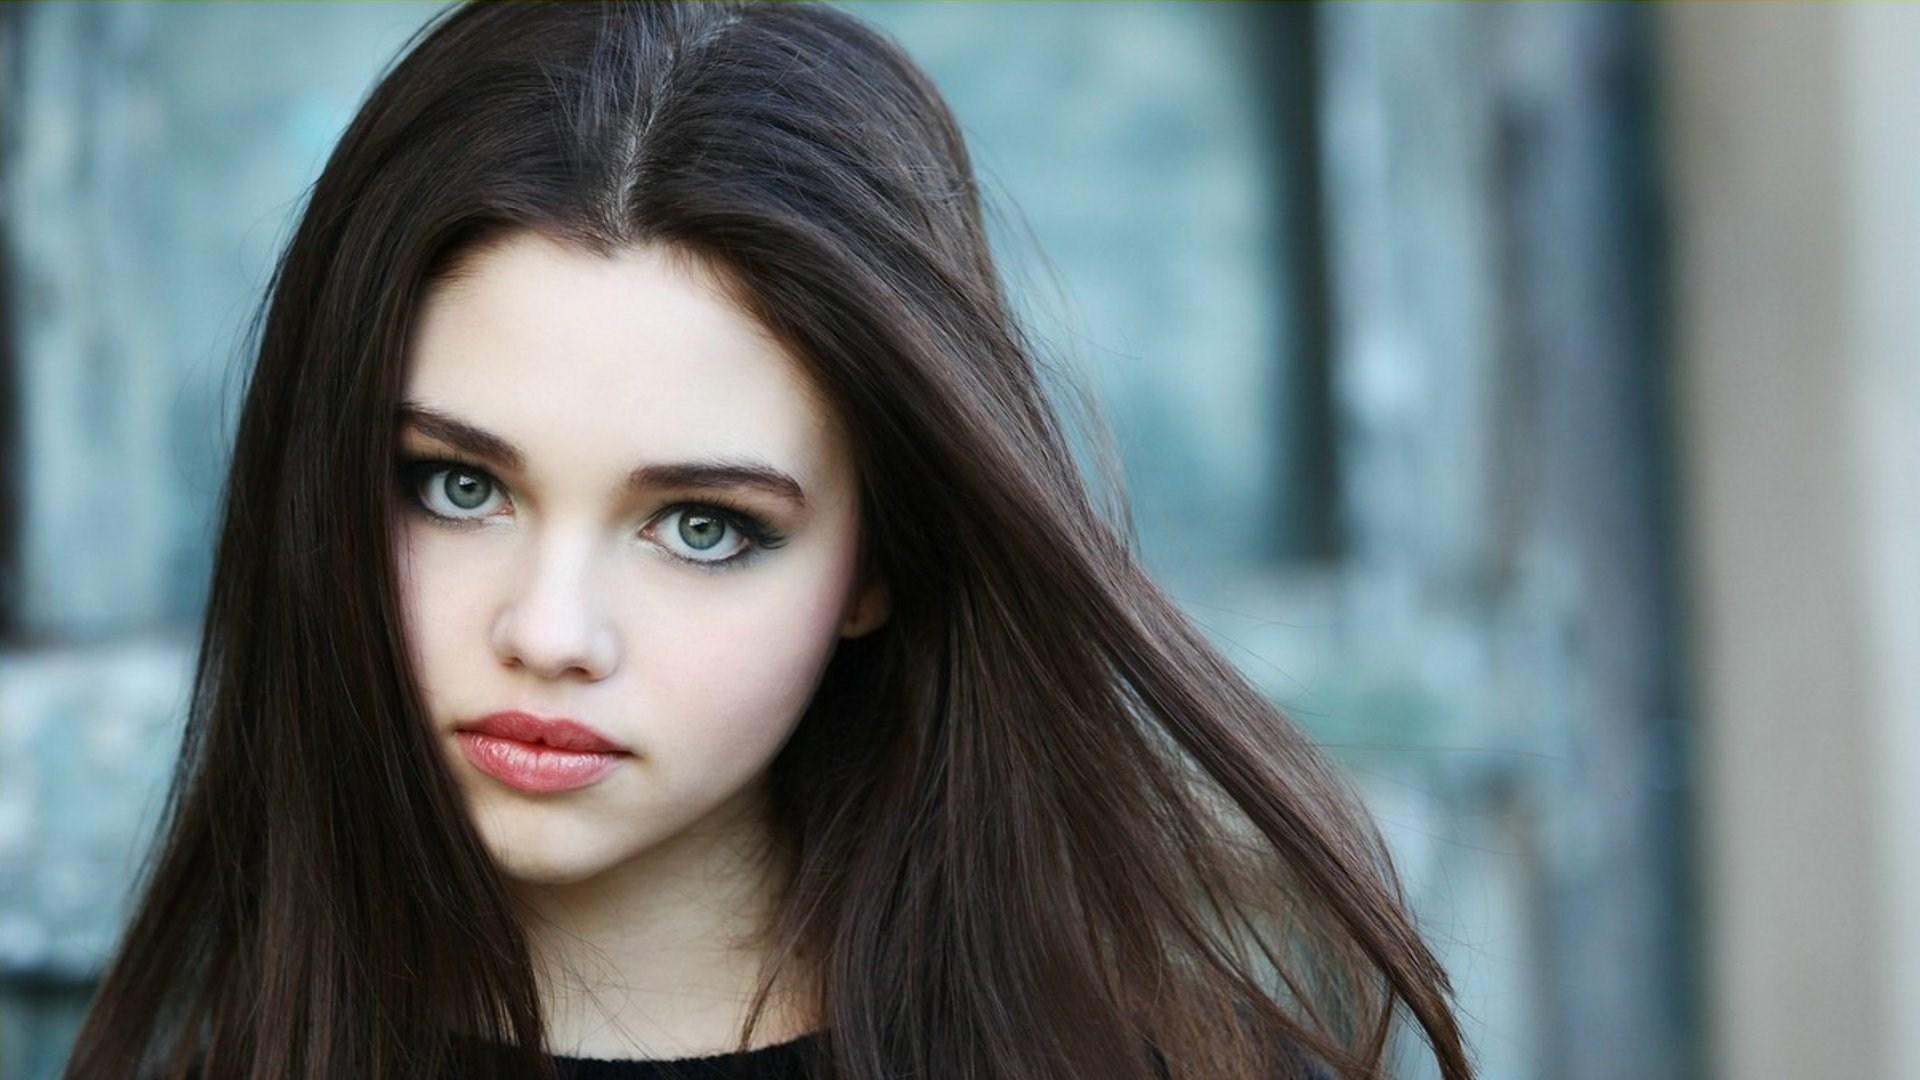 بالصور اجمل فتاة , احلي بنت في العالم 1032 13